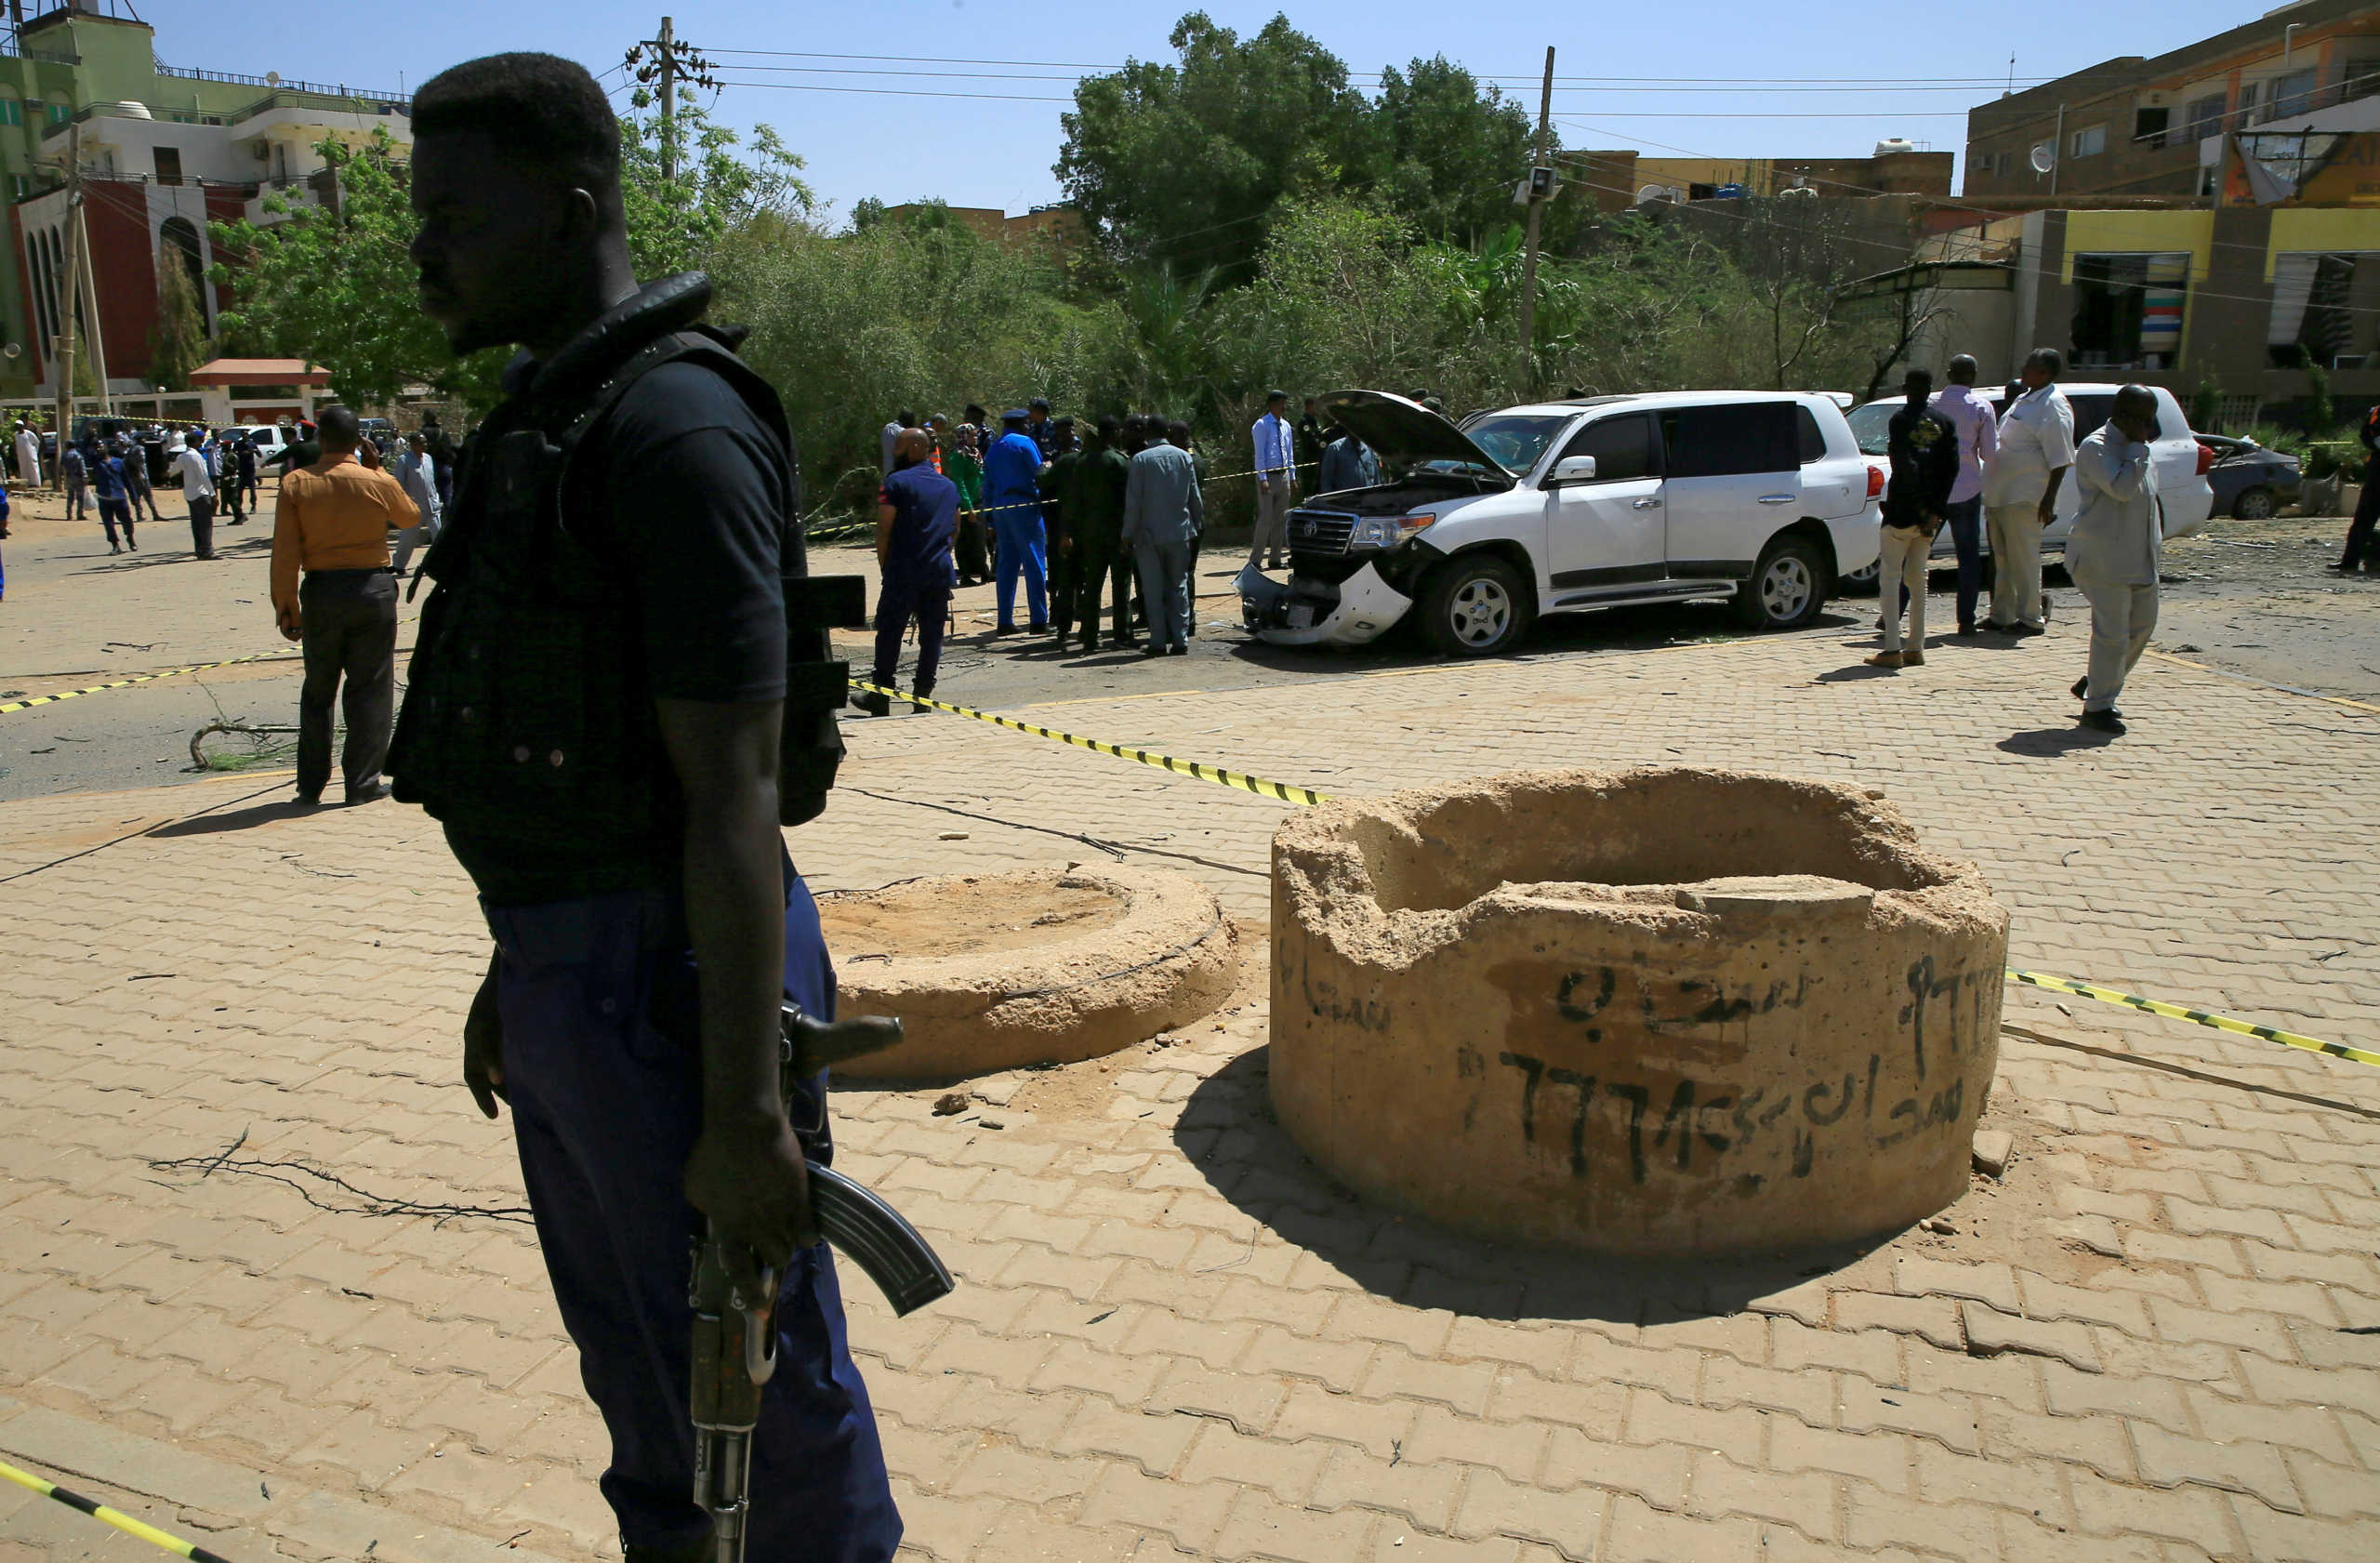 Σουδάν: 50 οι νεκροί από τις φυλετικές συγκρούσεις στο Δυτικό Νταρφούρ